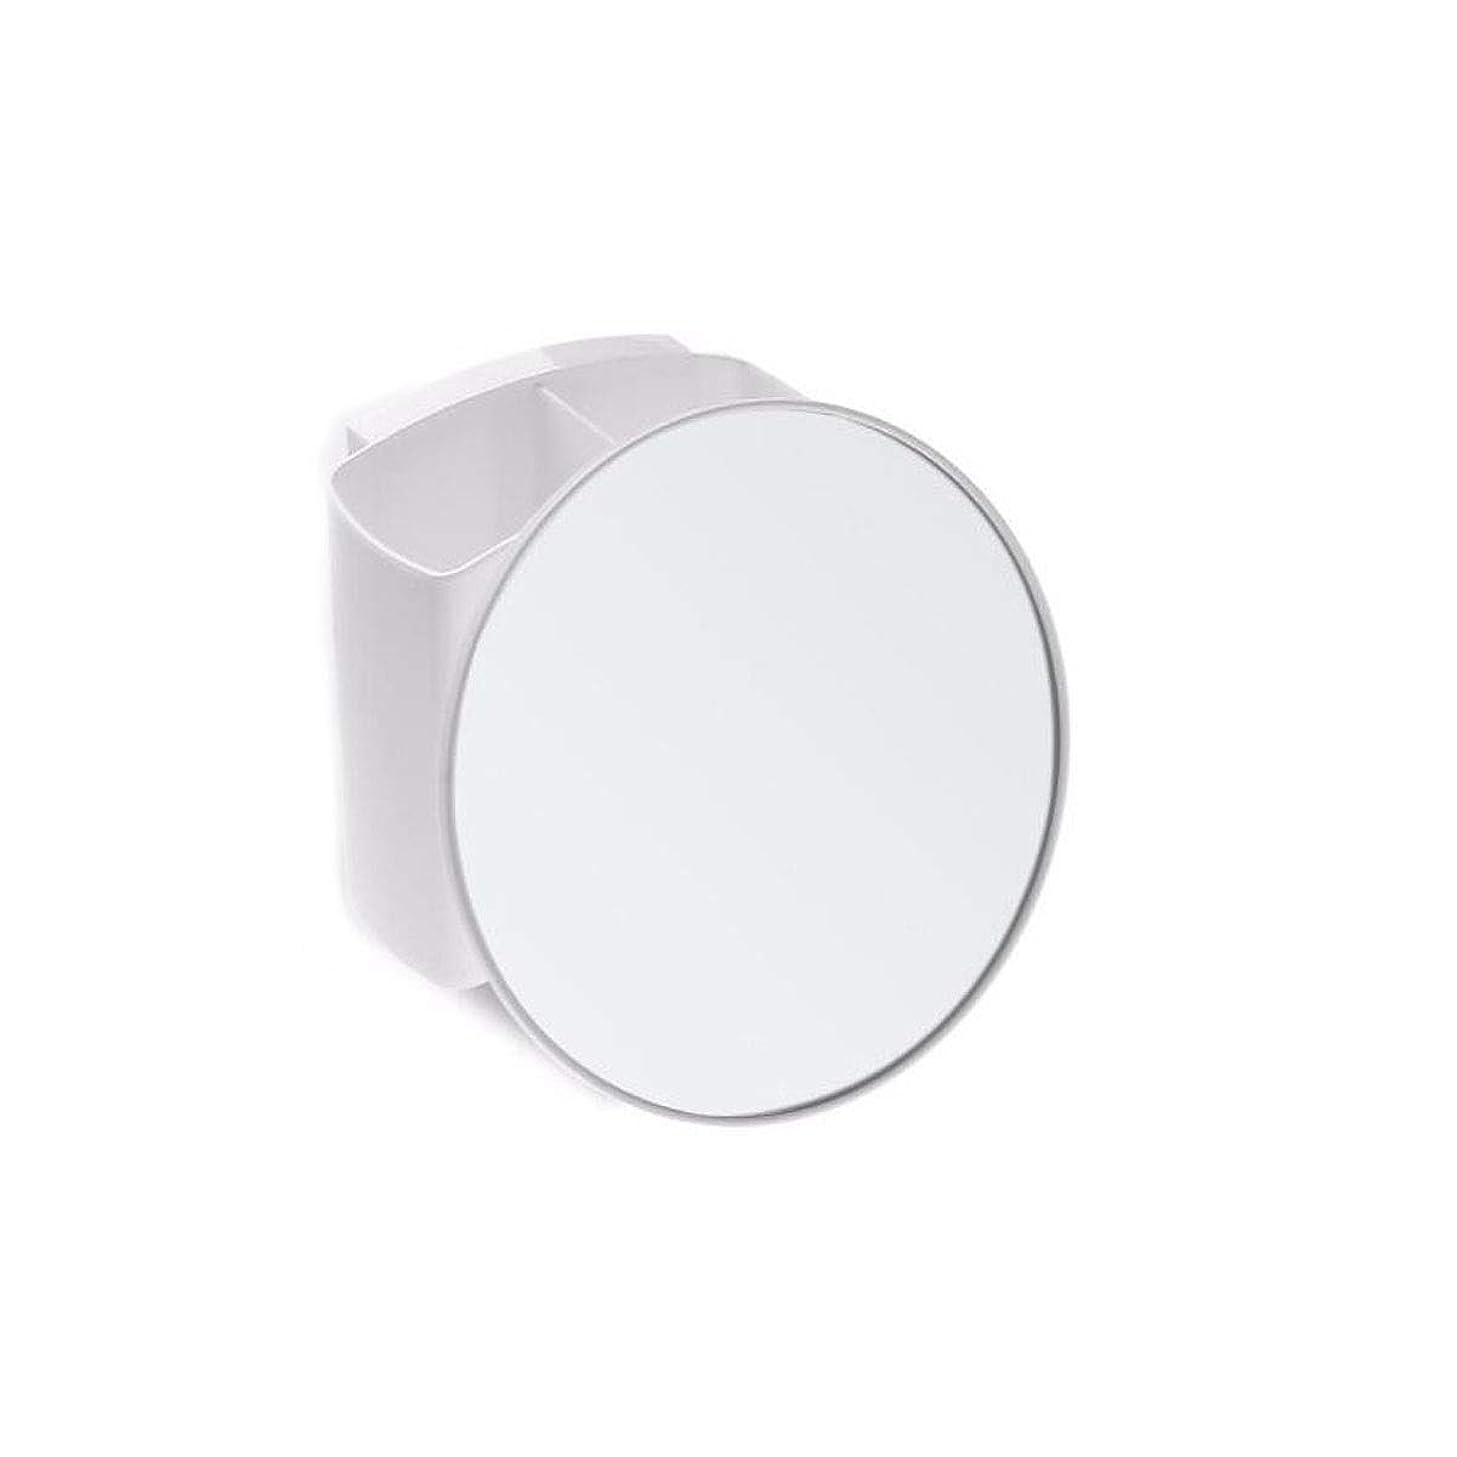 ラボ細分化する適切にWYYI ボックス収納ミラー付き化粧鏡壁掛けバニティミラーベッドルームのバスルーム (Size : 21*14.5cm)